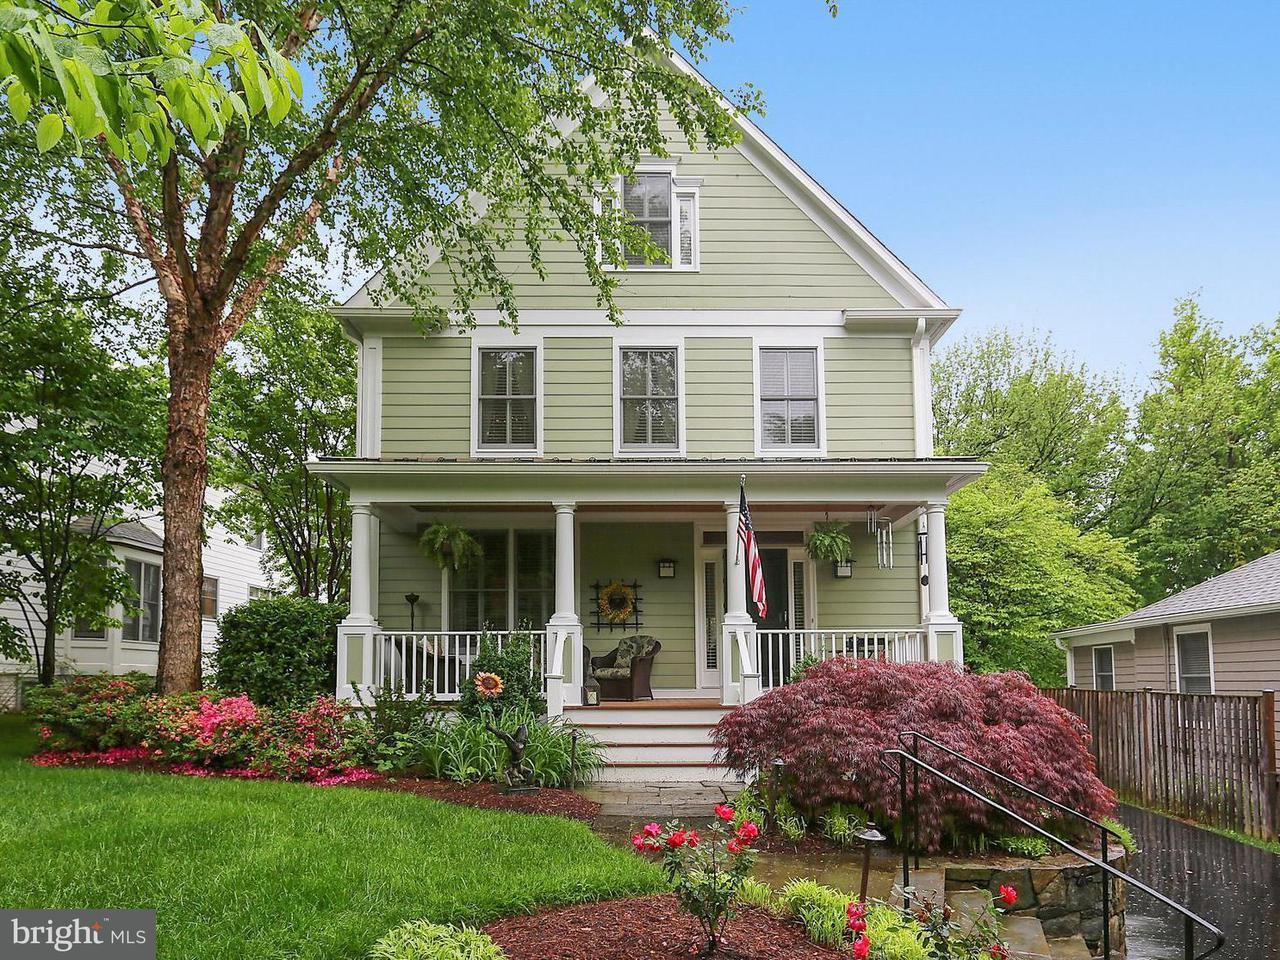 一戸建て のために 売買 アット 10912 Clermont Avenue 10912 Clermont Avenue Garrett Park, メリーランド 20896 アメリカ合衆国